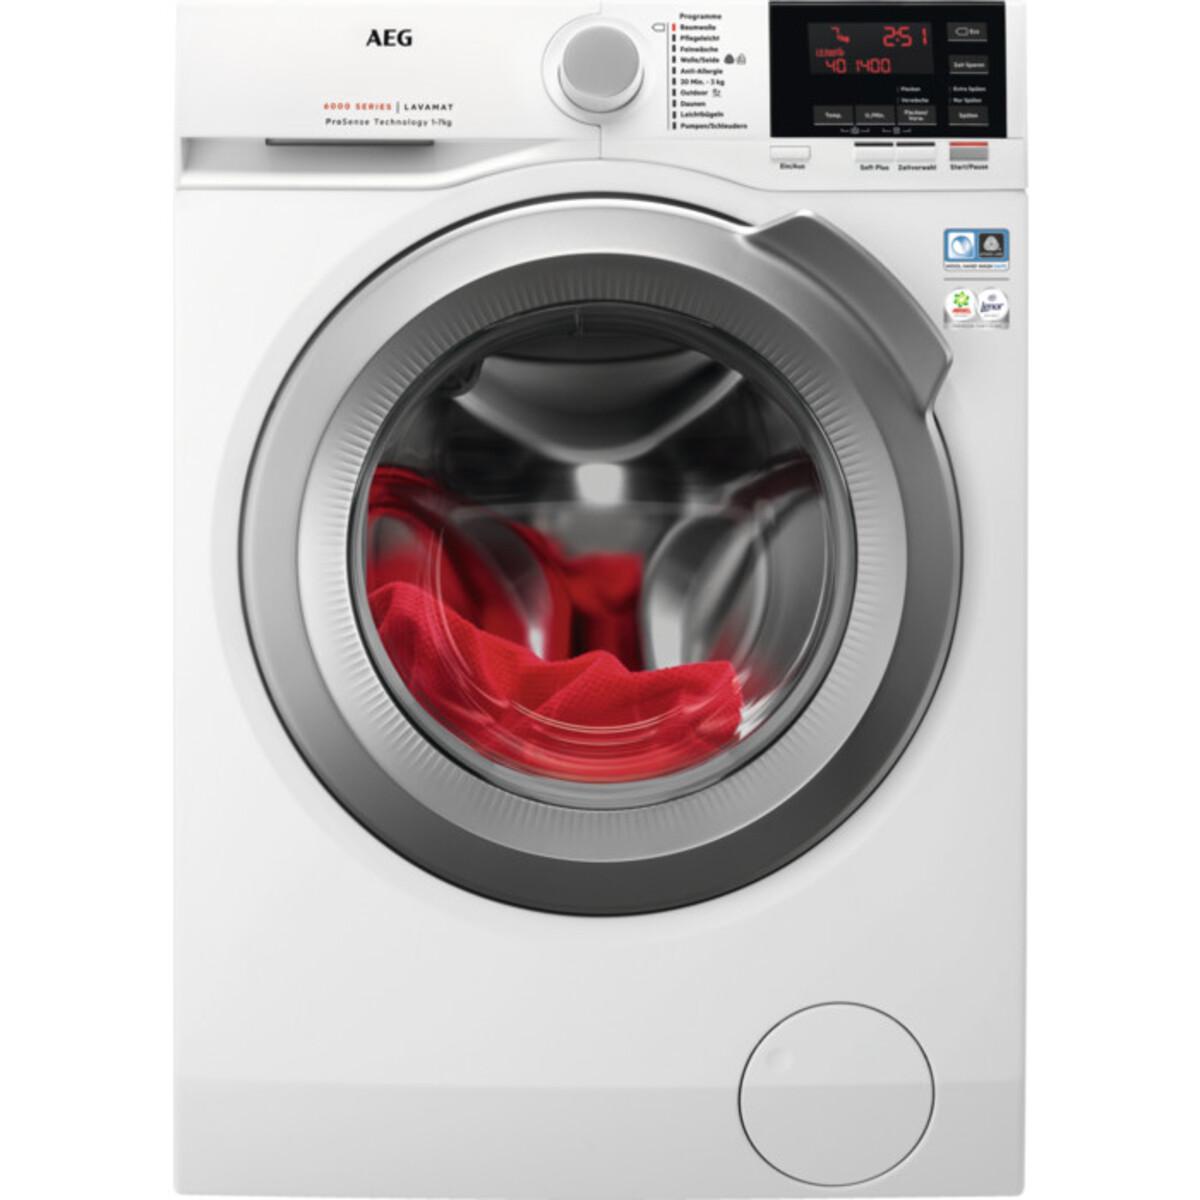 Bild 1 von AEG Waschmaschine L6FB647FH (A+++, 7 kg Fasungsvermögen, 1400 U/min, Schontrommel, Aquastop, Display, Inverter)